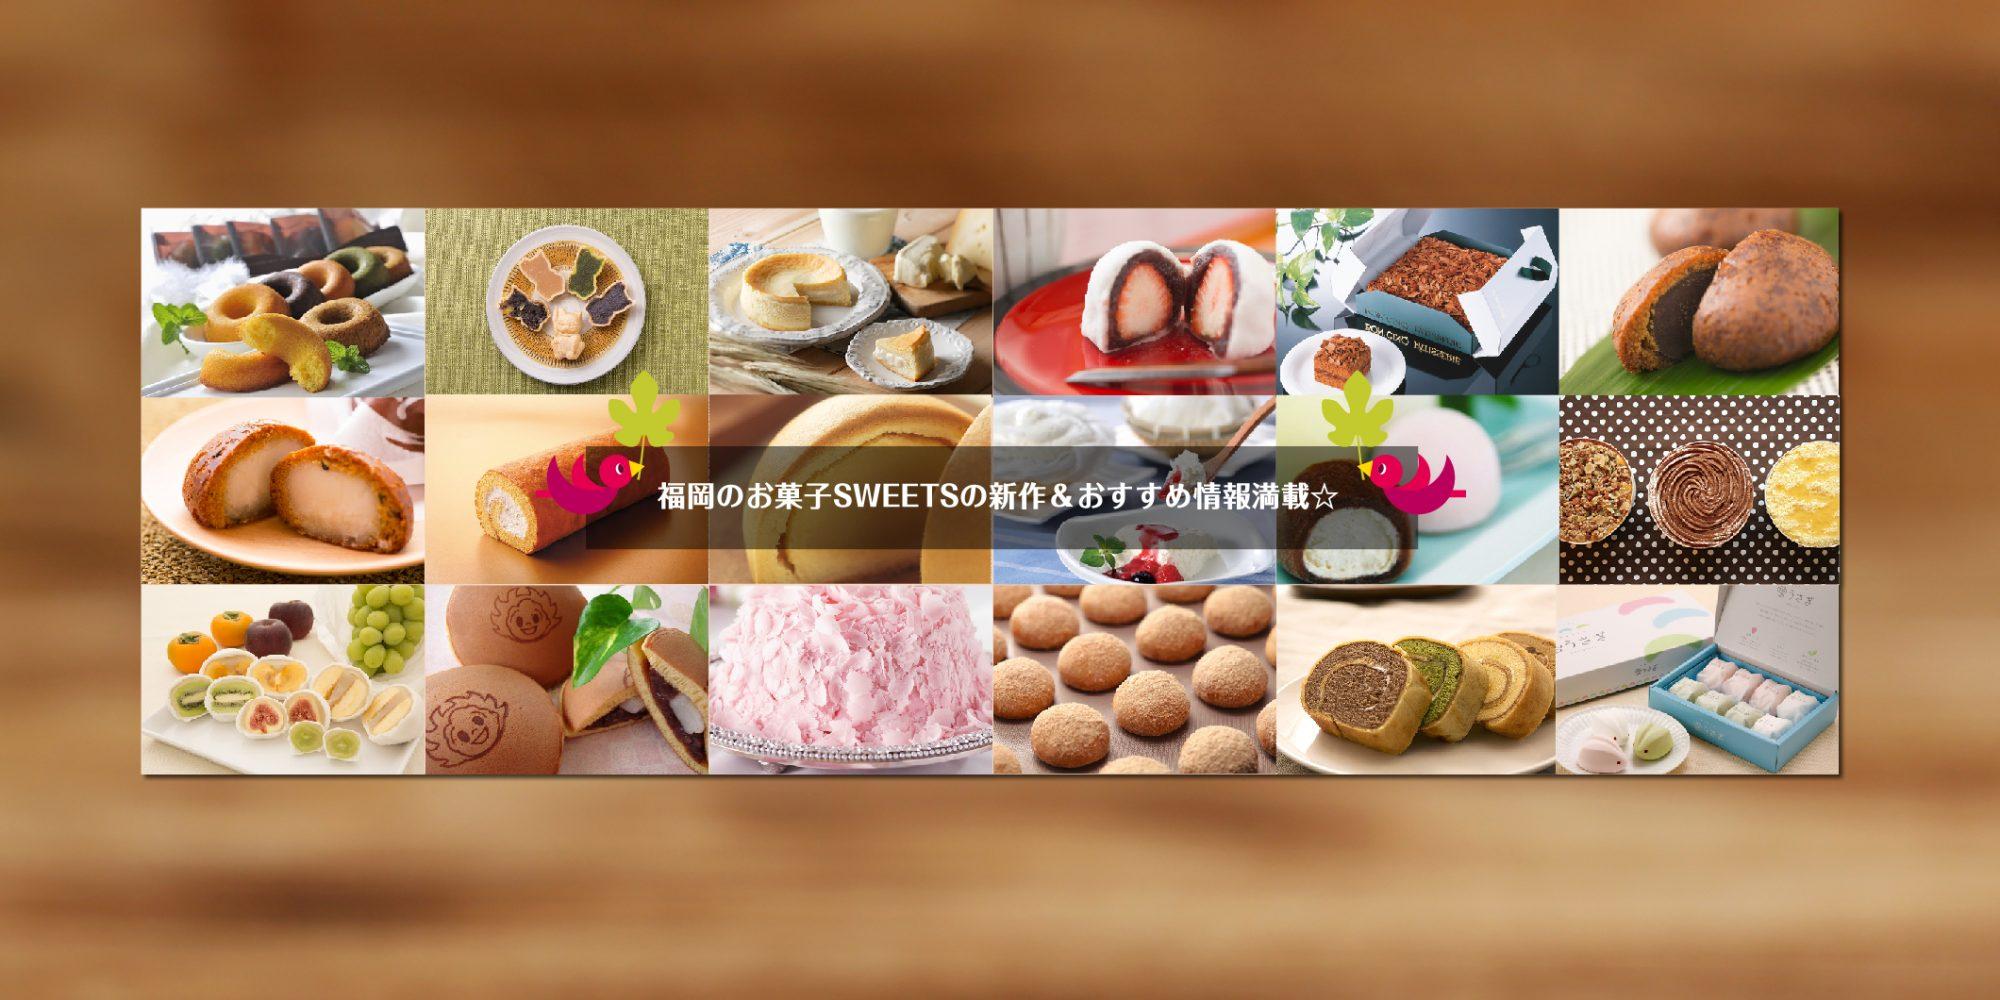 福岡のお菓子SWEETSの新作&おすすめ情報満載☆